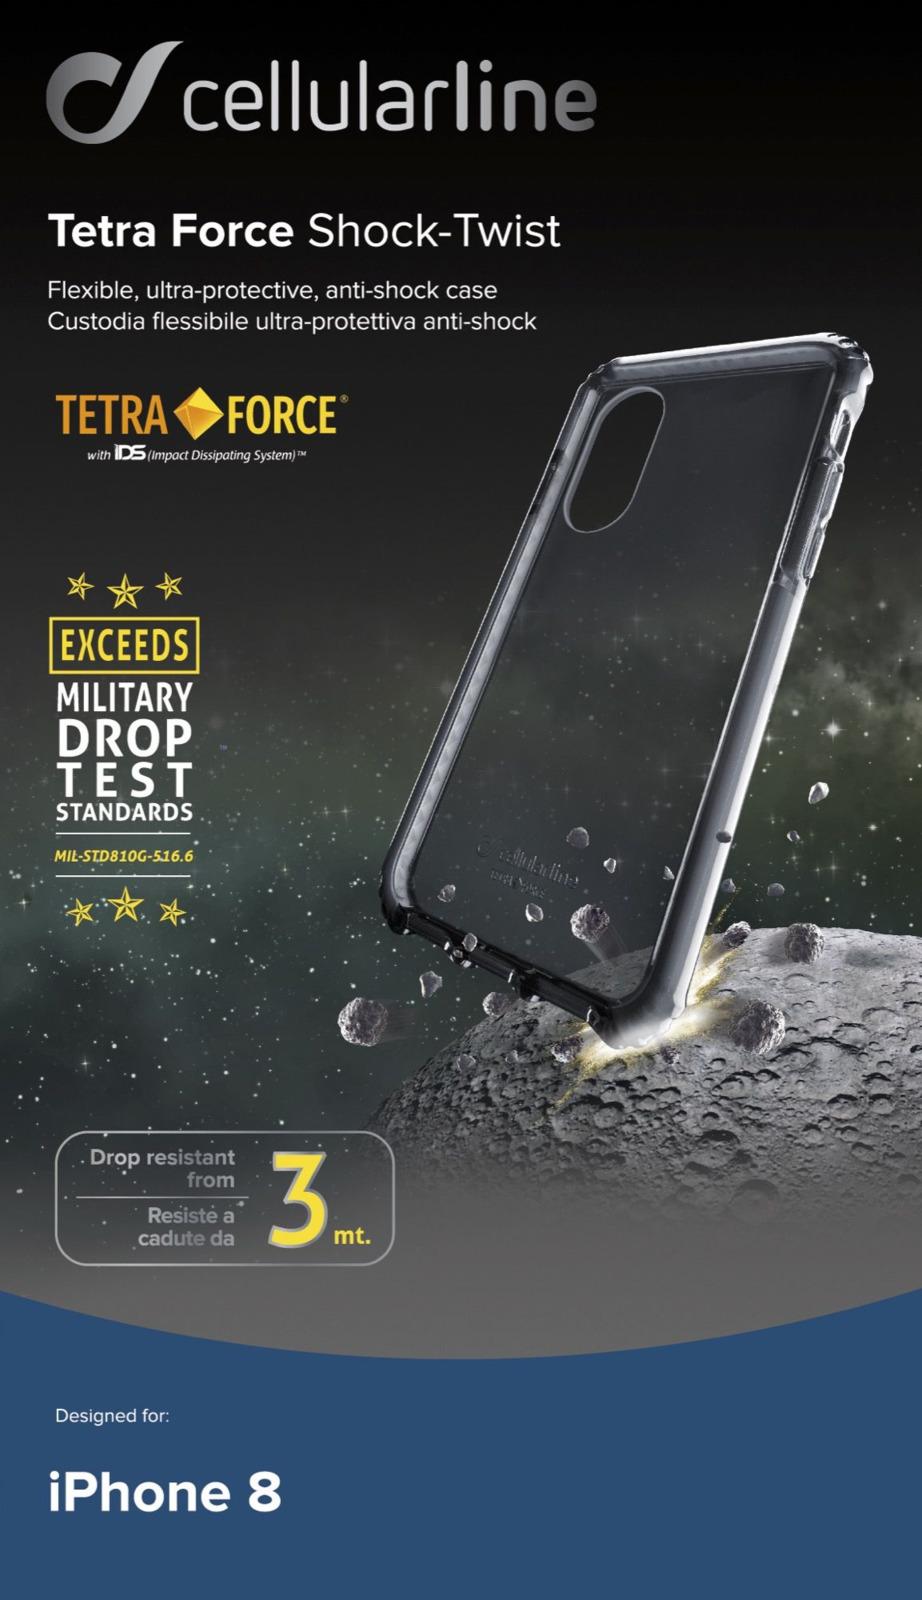 Чехол Cellularline для Apple iPhone X, TETRACASEIPH8K, черный чехол cellularline для apple iphone x bookagendaiph8k черный